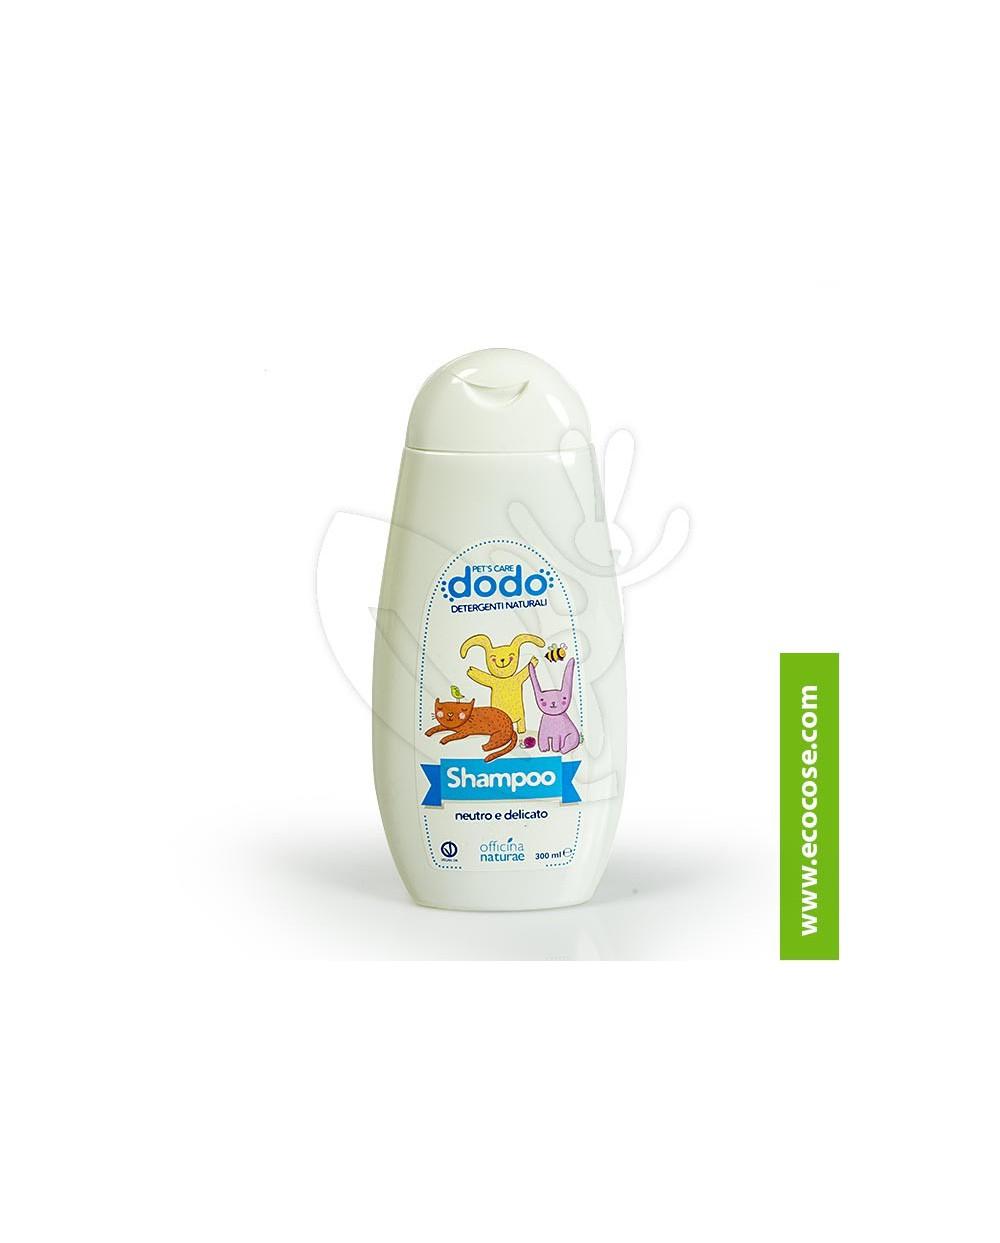 DODO - Shampoo neutro e delicato